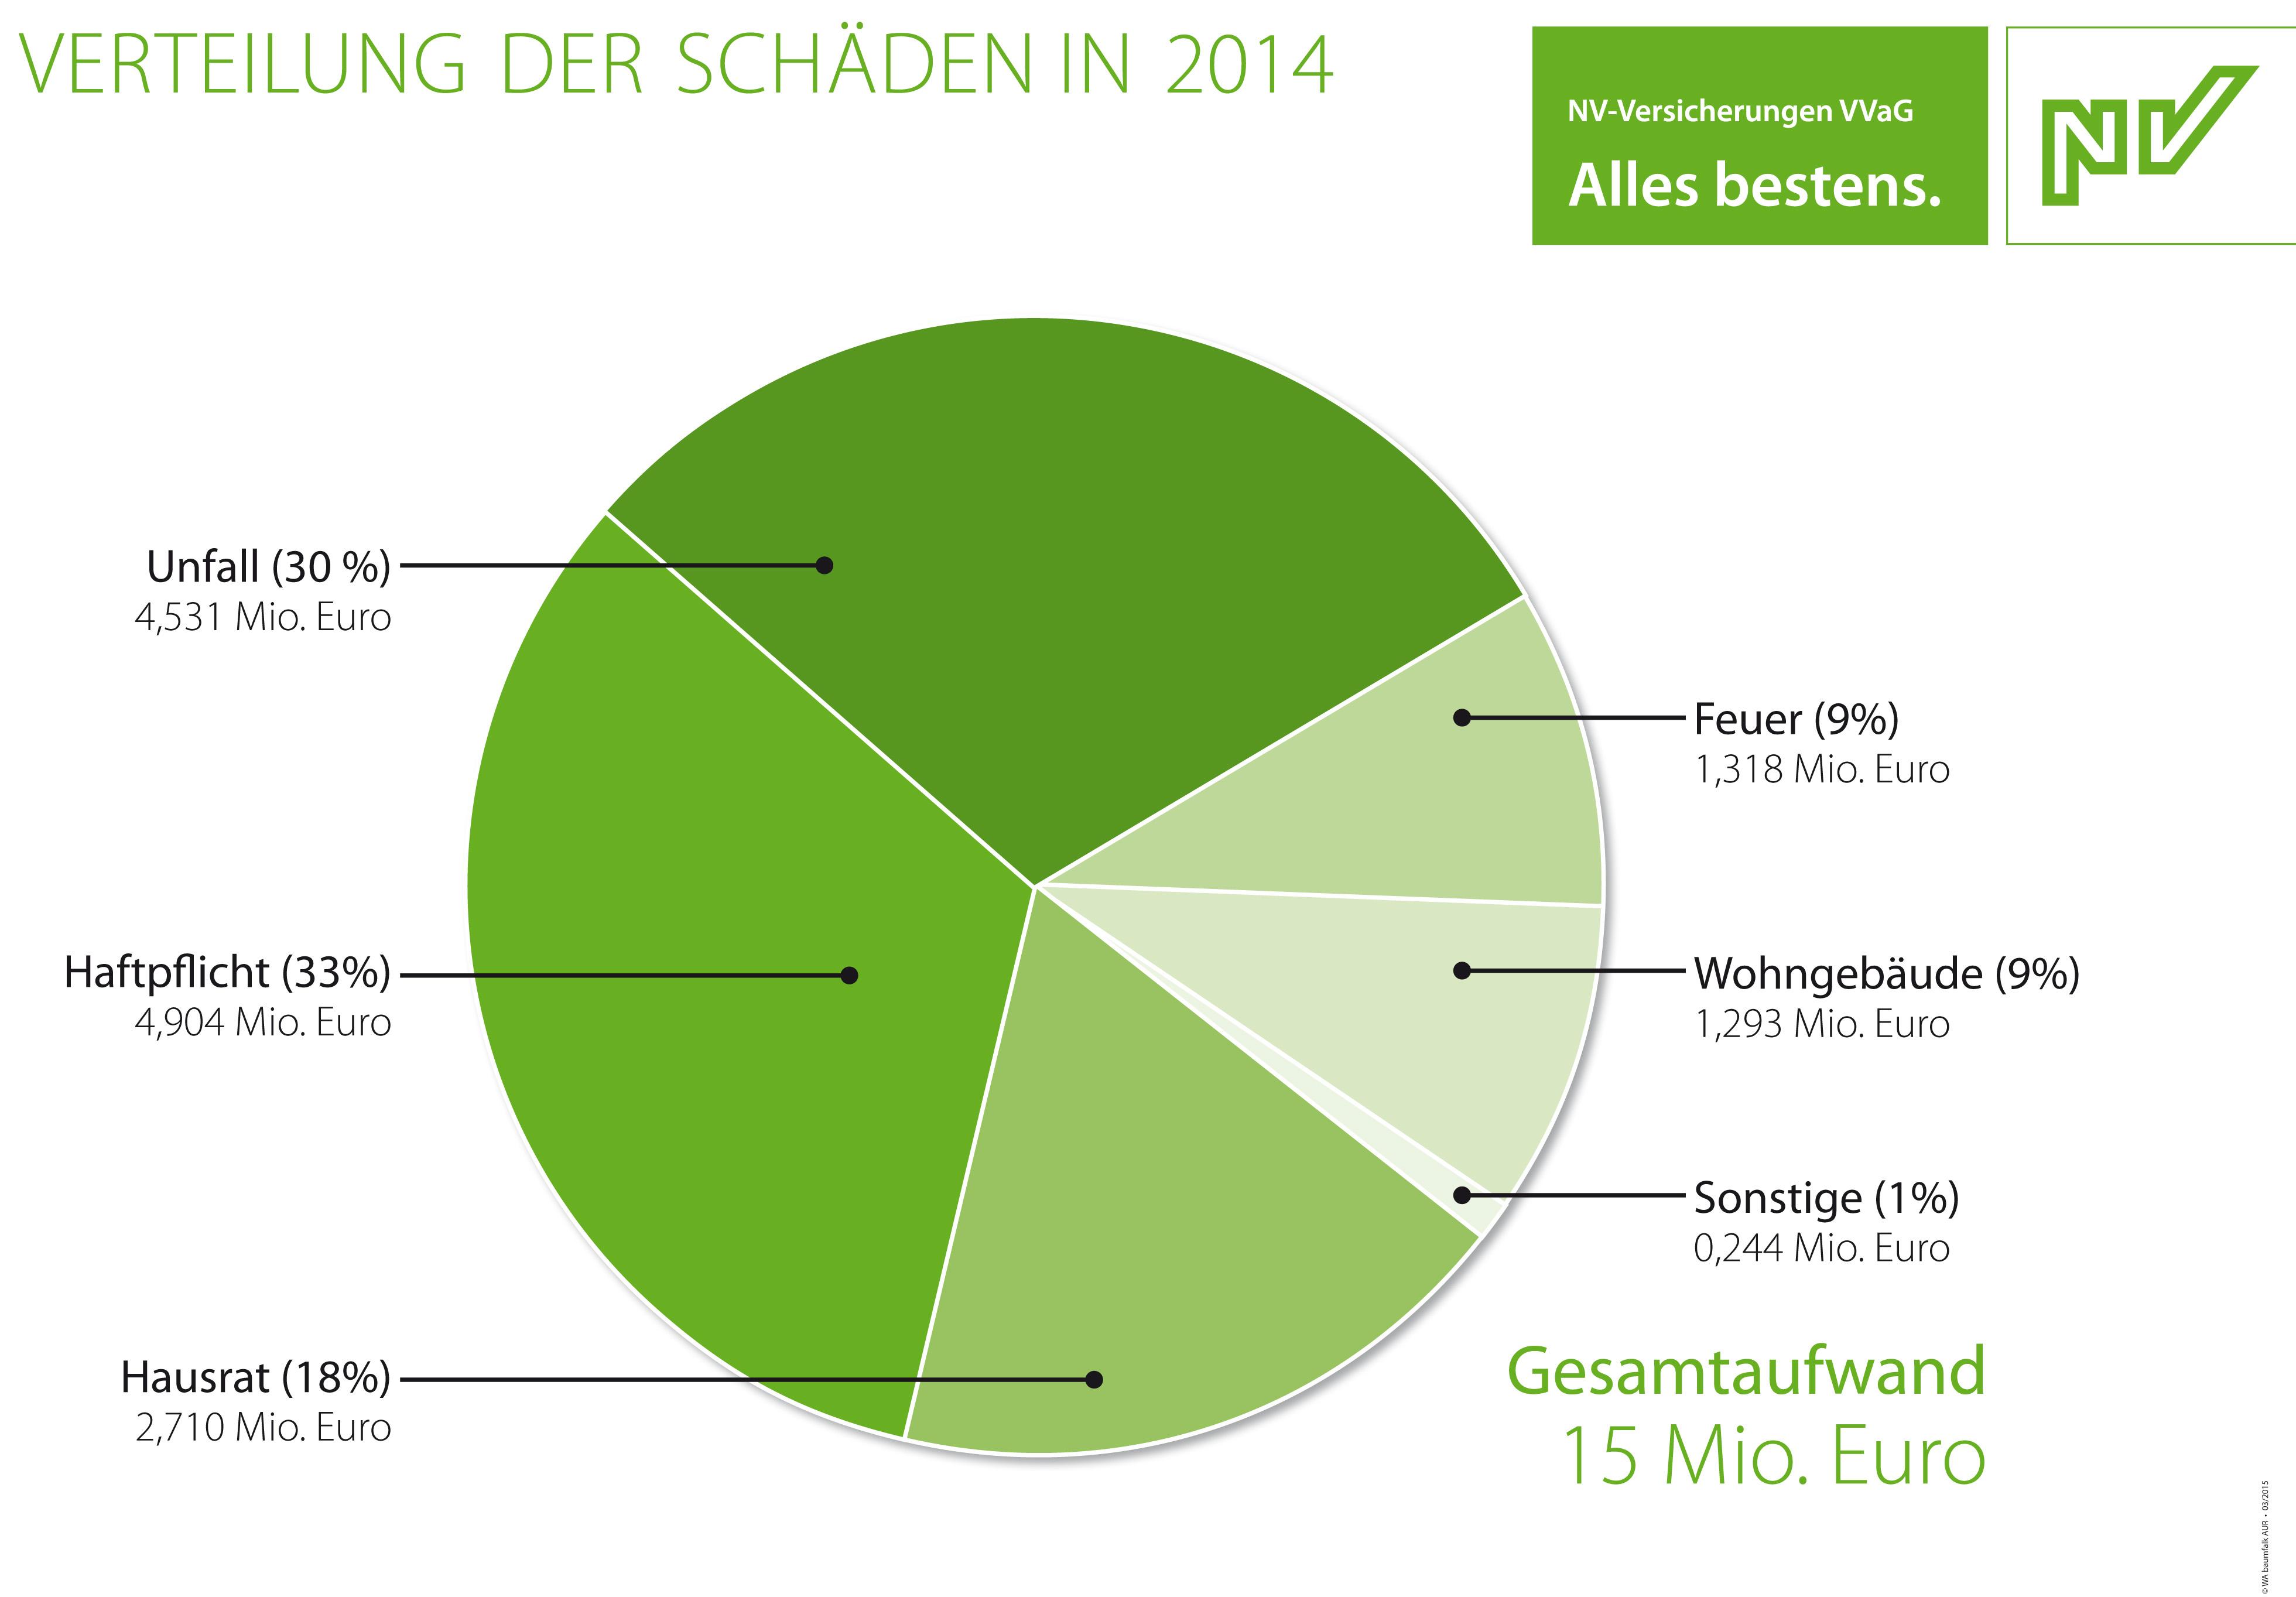 Verteilung der Schäden in 2014